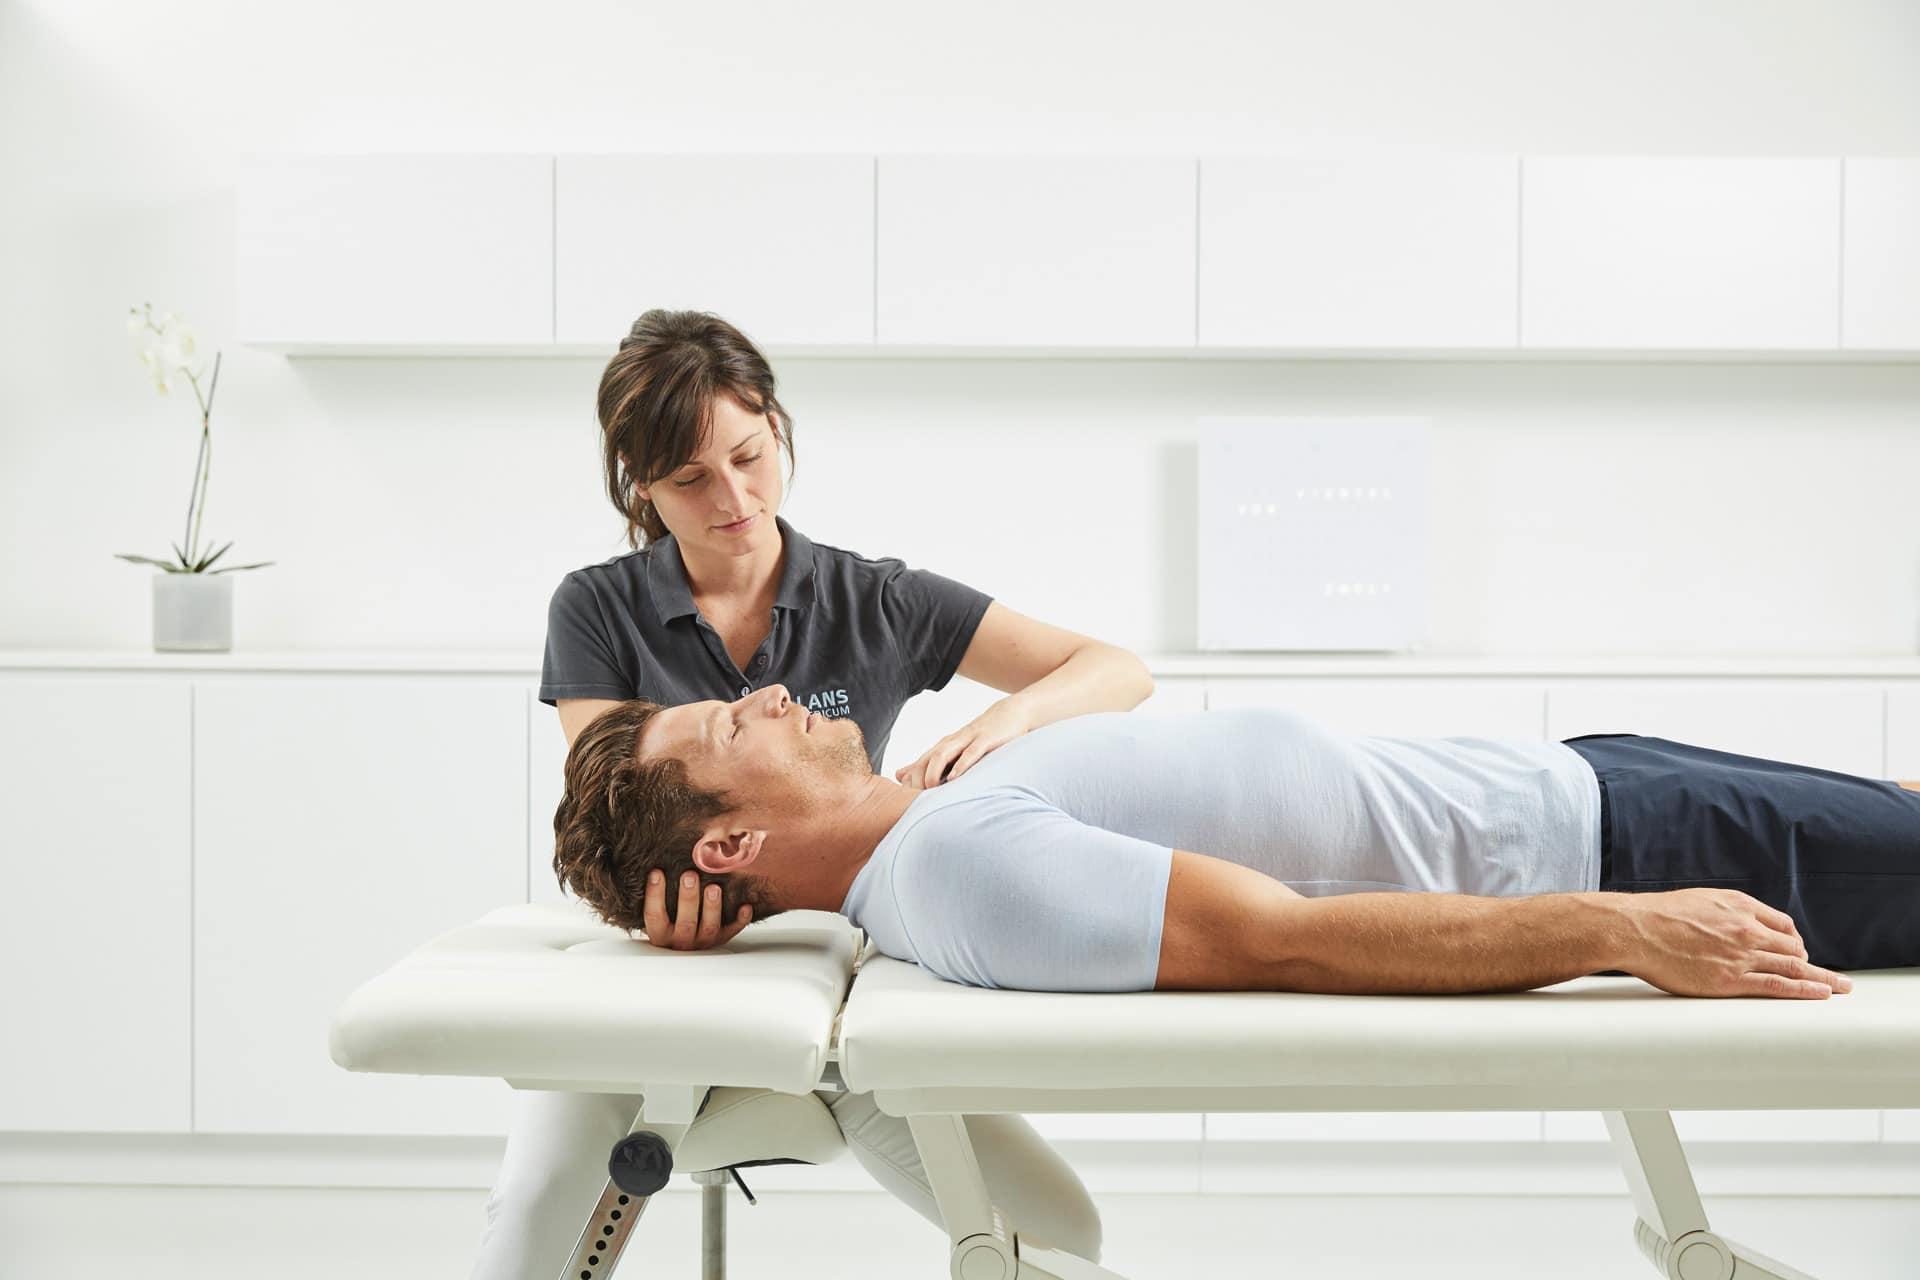 Therapeutin bei einer Kraniosakral-Behandlung mit Patienten